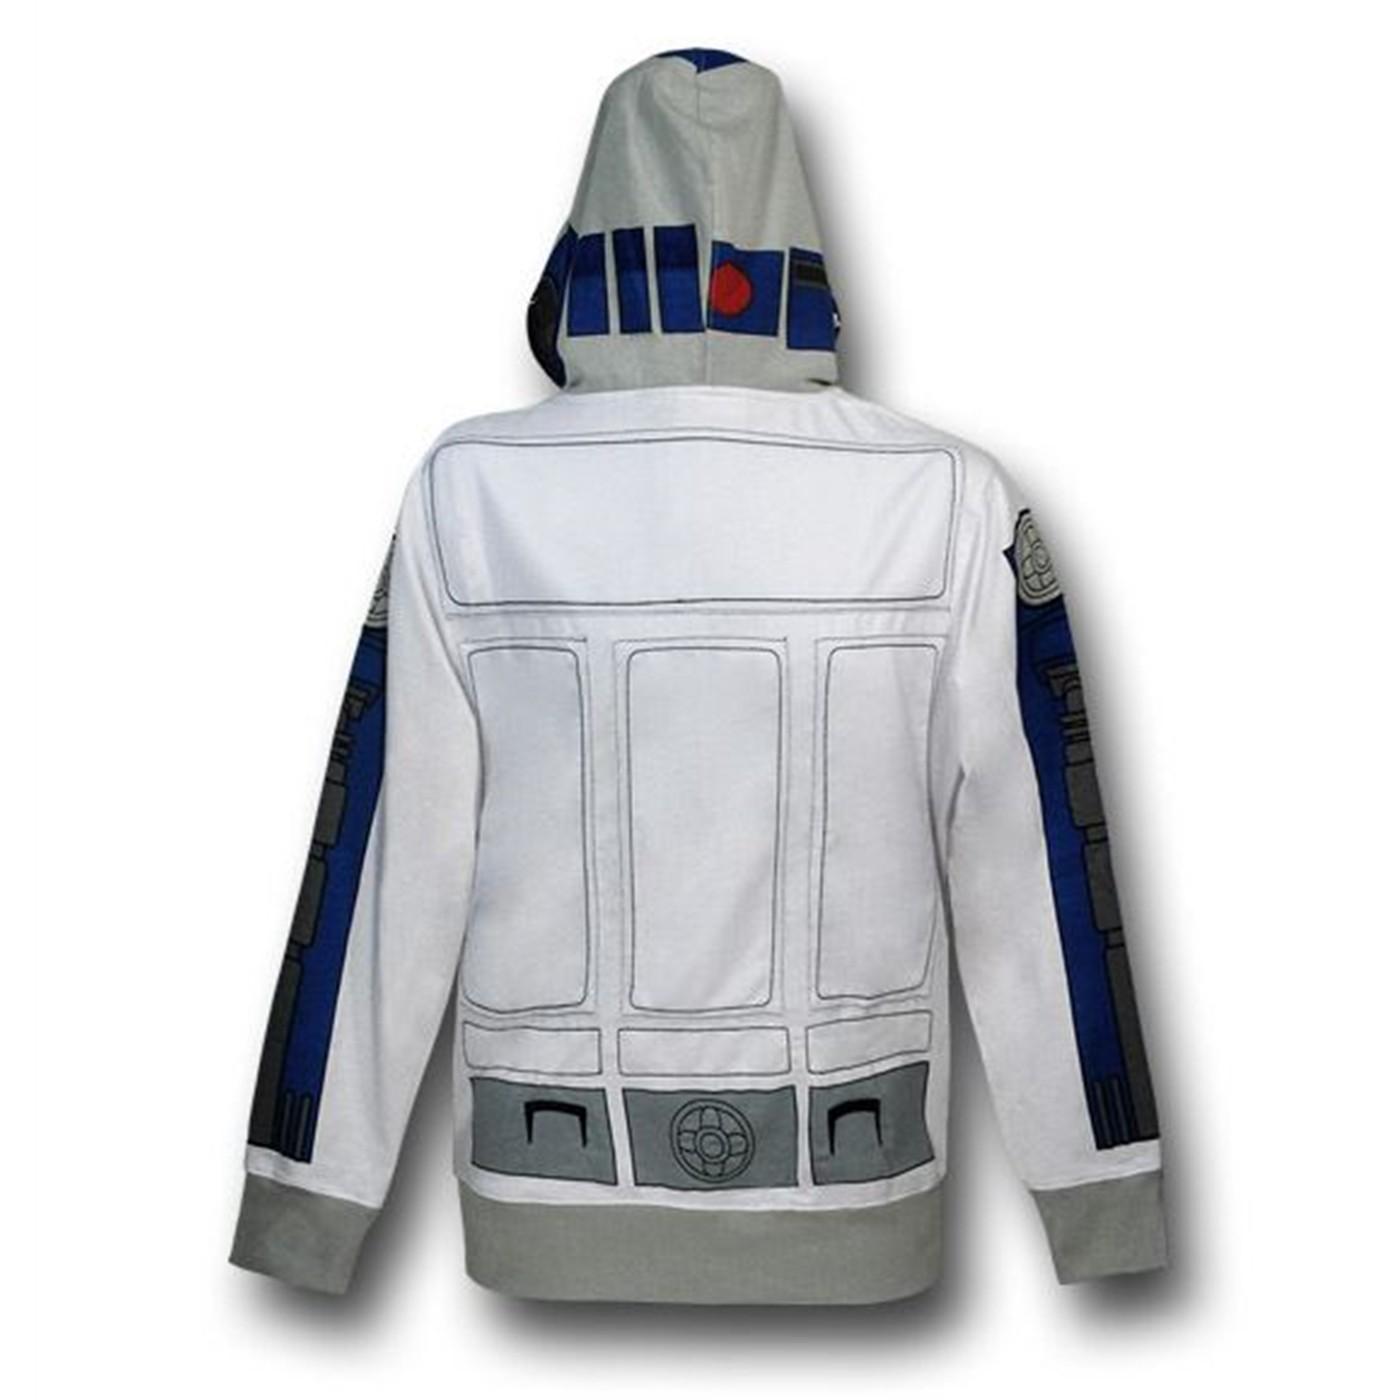 Star Wars R2D2 Costume Zip Hoodie